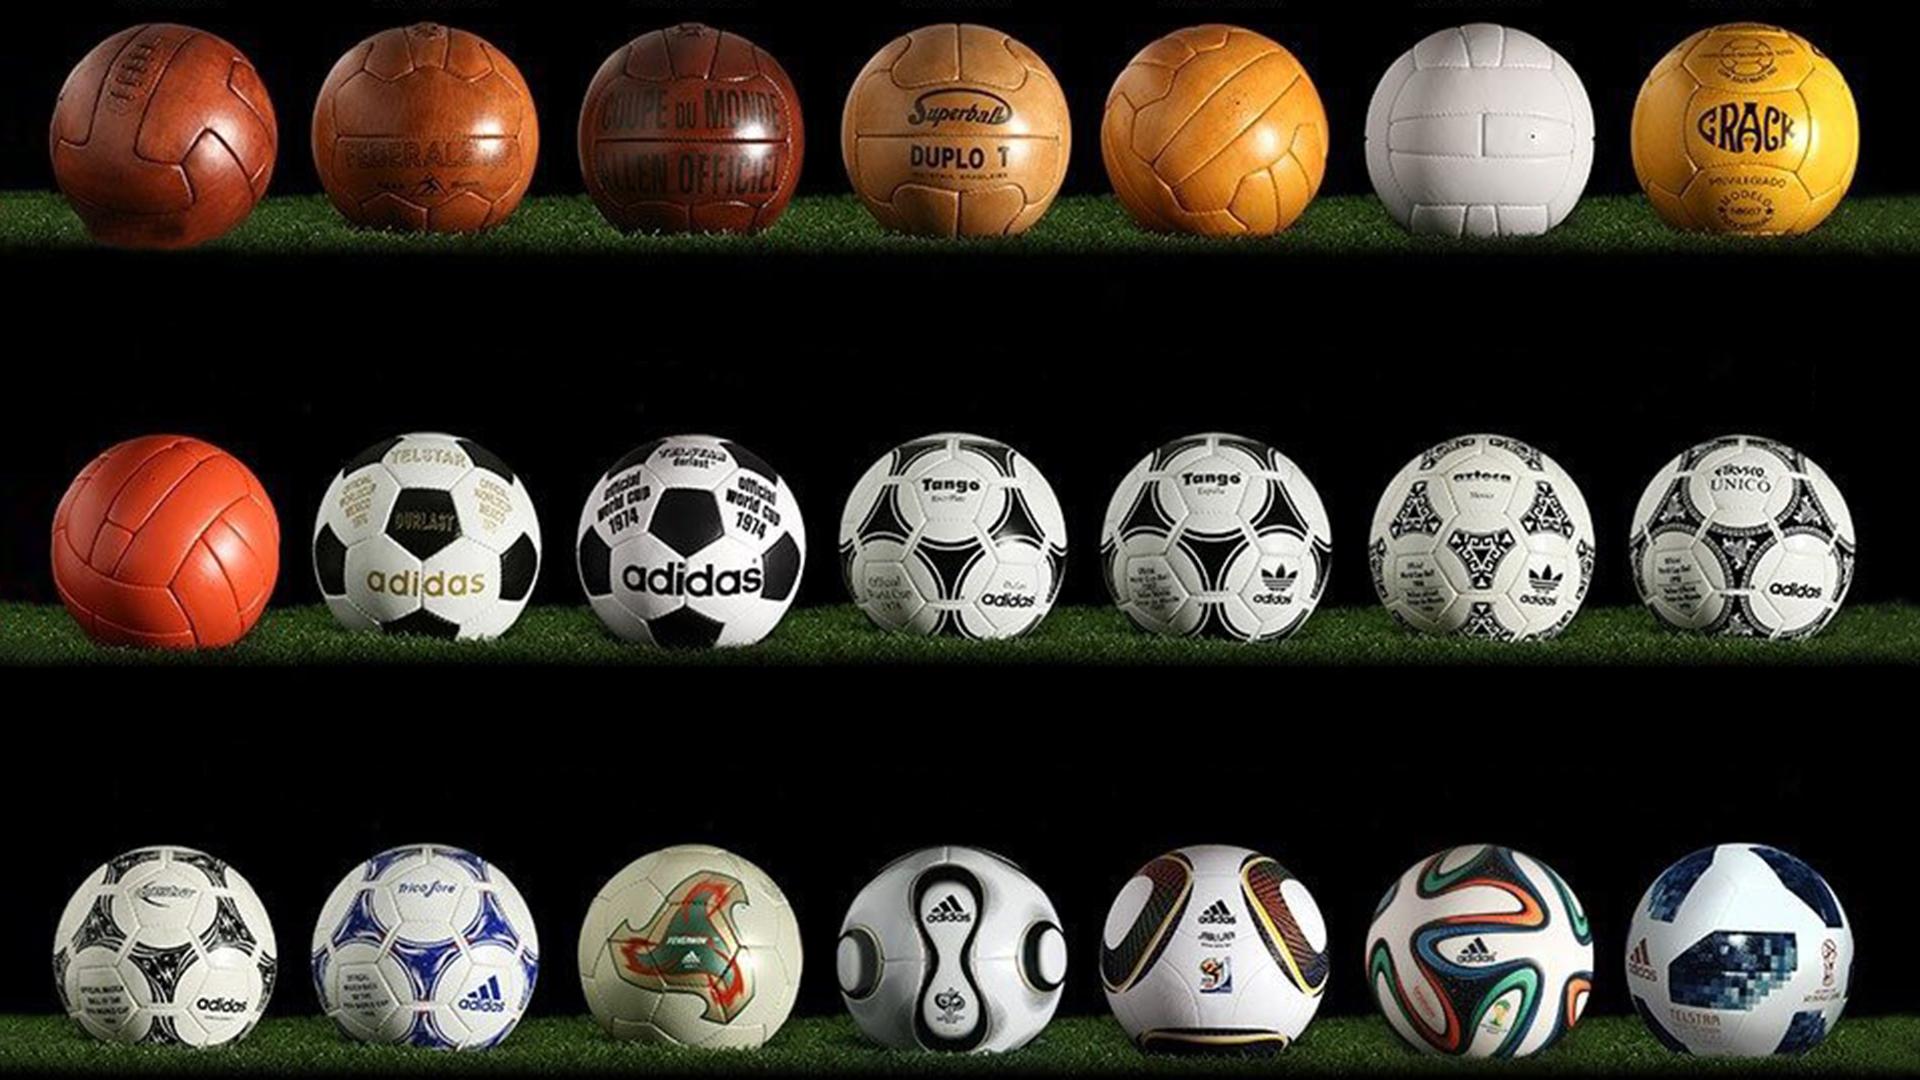 La curiosa razón por la que las pelotas de los Mundiales tuvieron que  cambiar de color - Infobae 2a9d131789d43